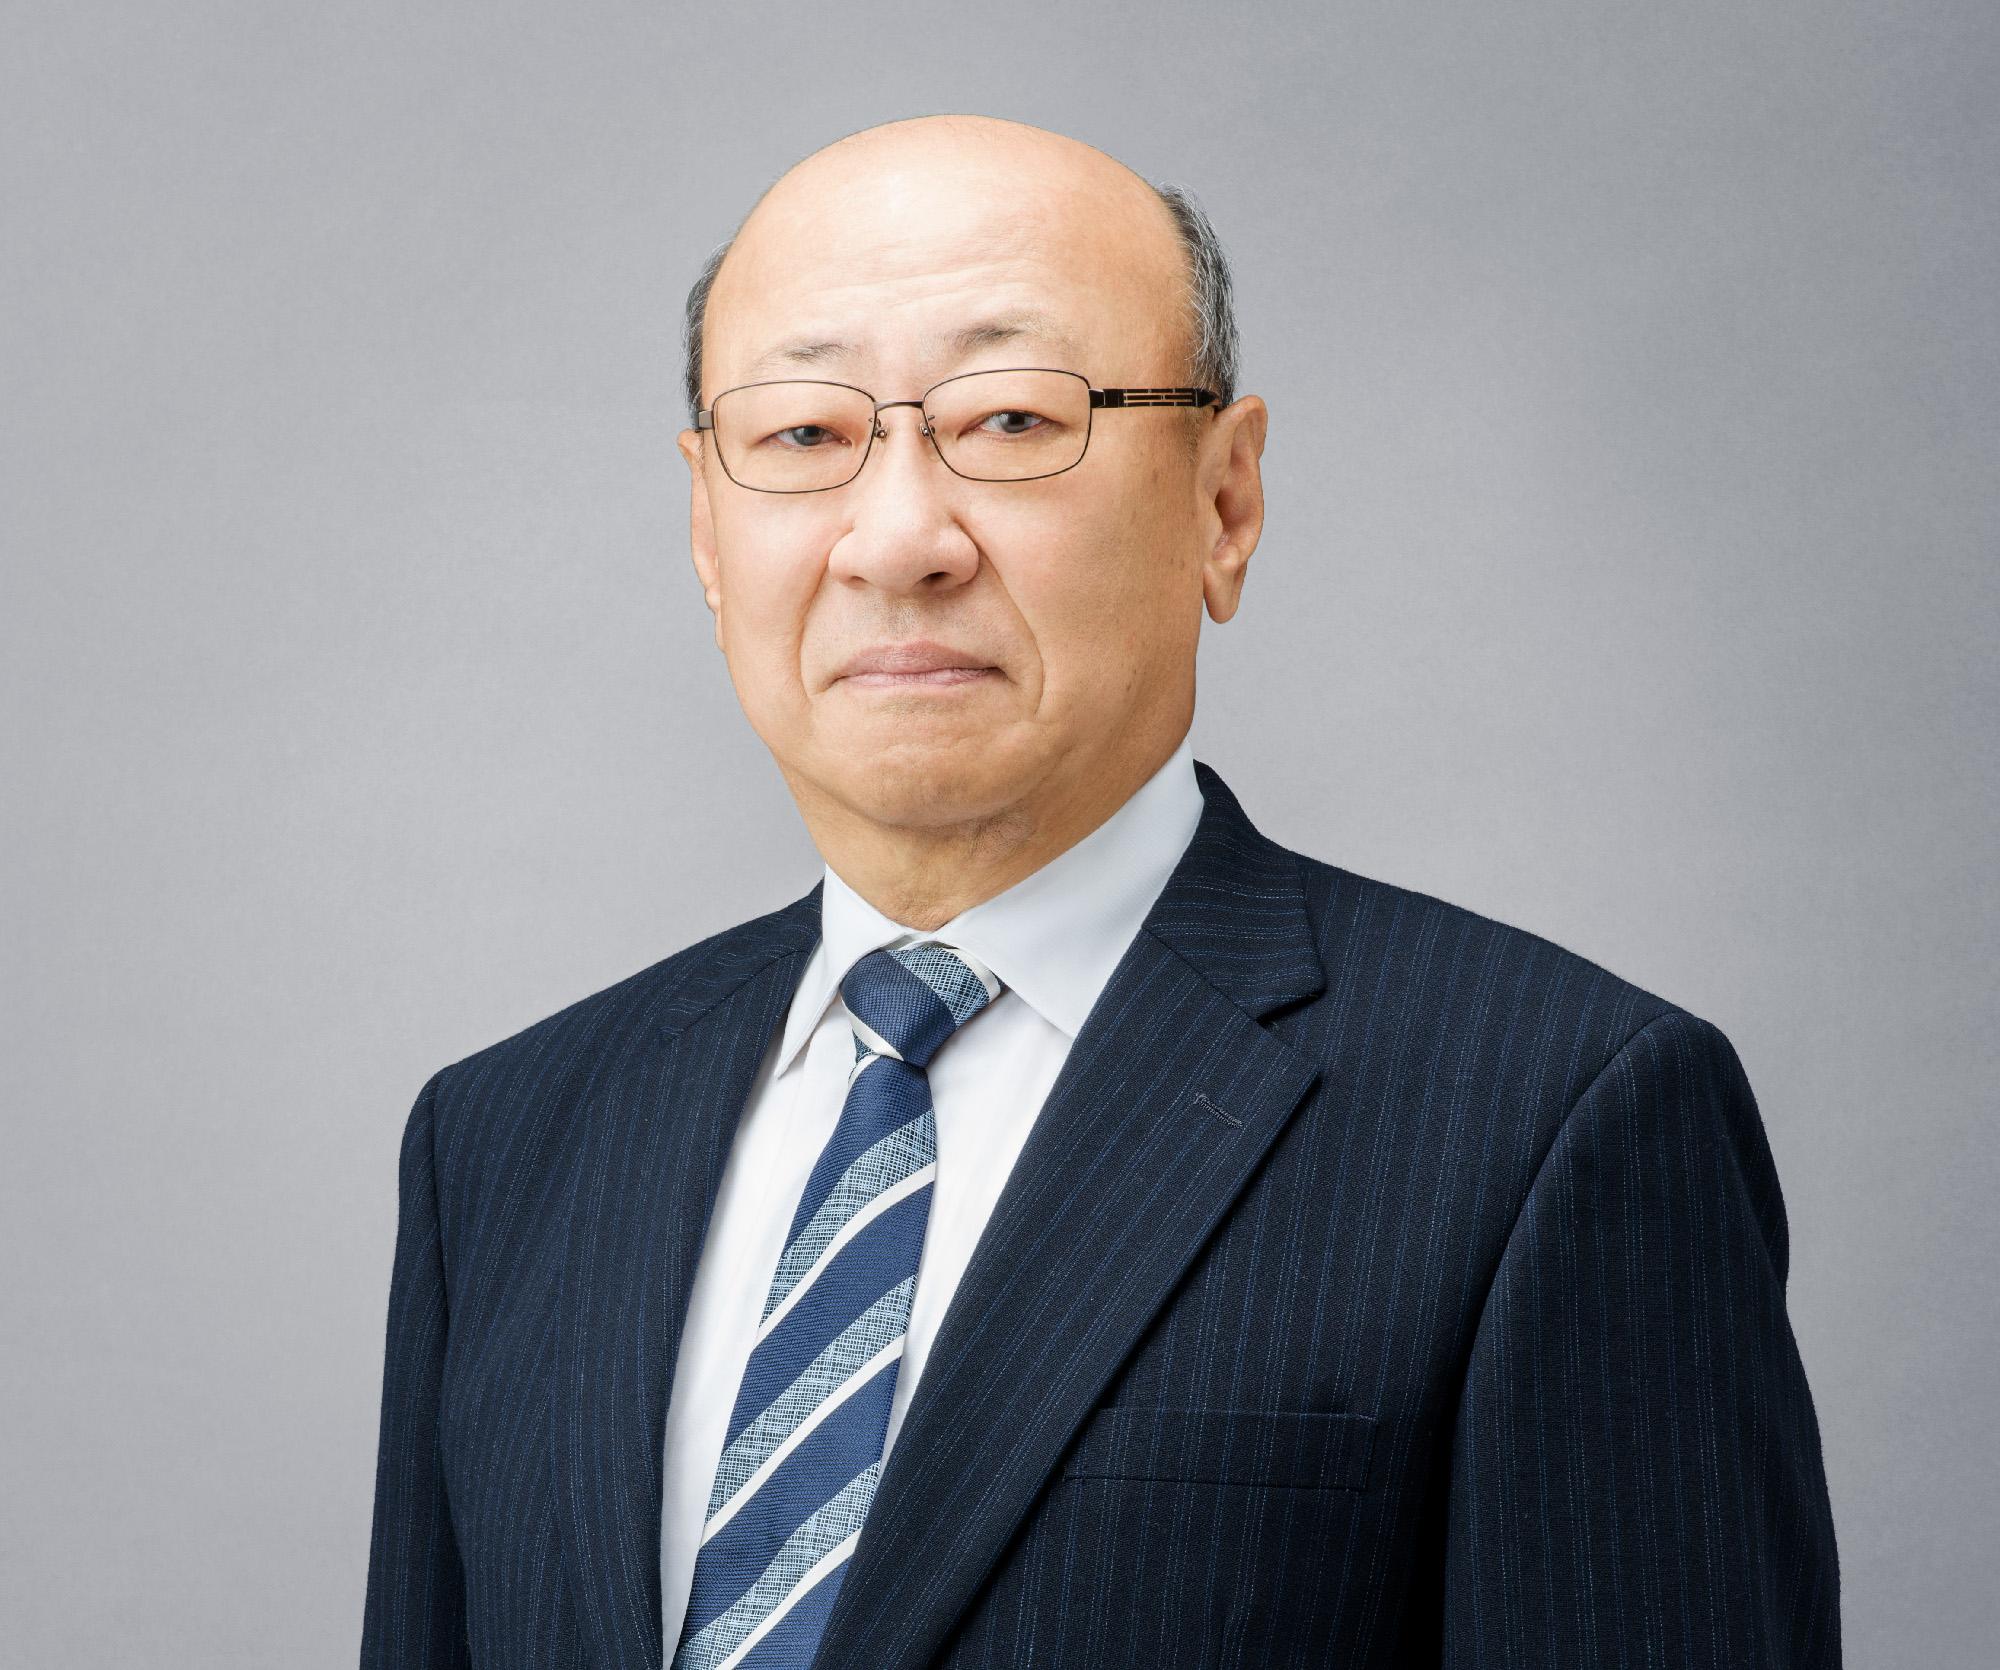 功成身退!任天堂宣布换帅,现任执行常务董事古川俊太郎成为新社长-ANICOGA